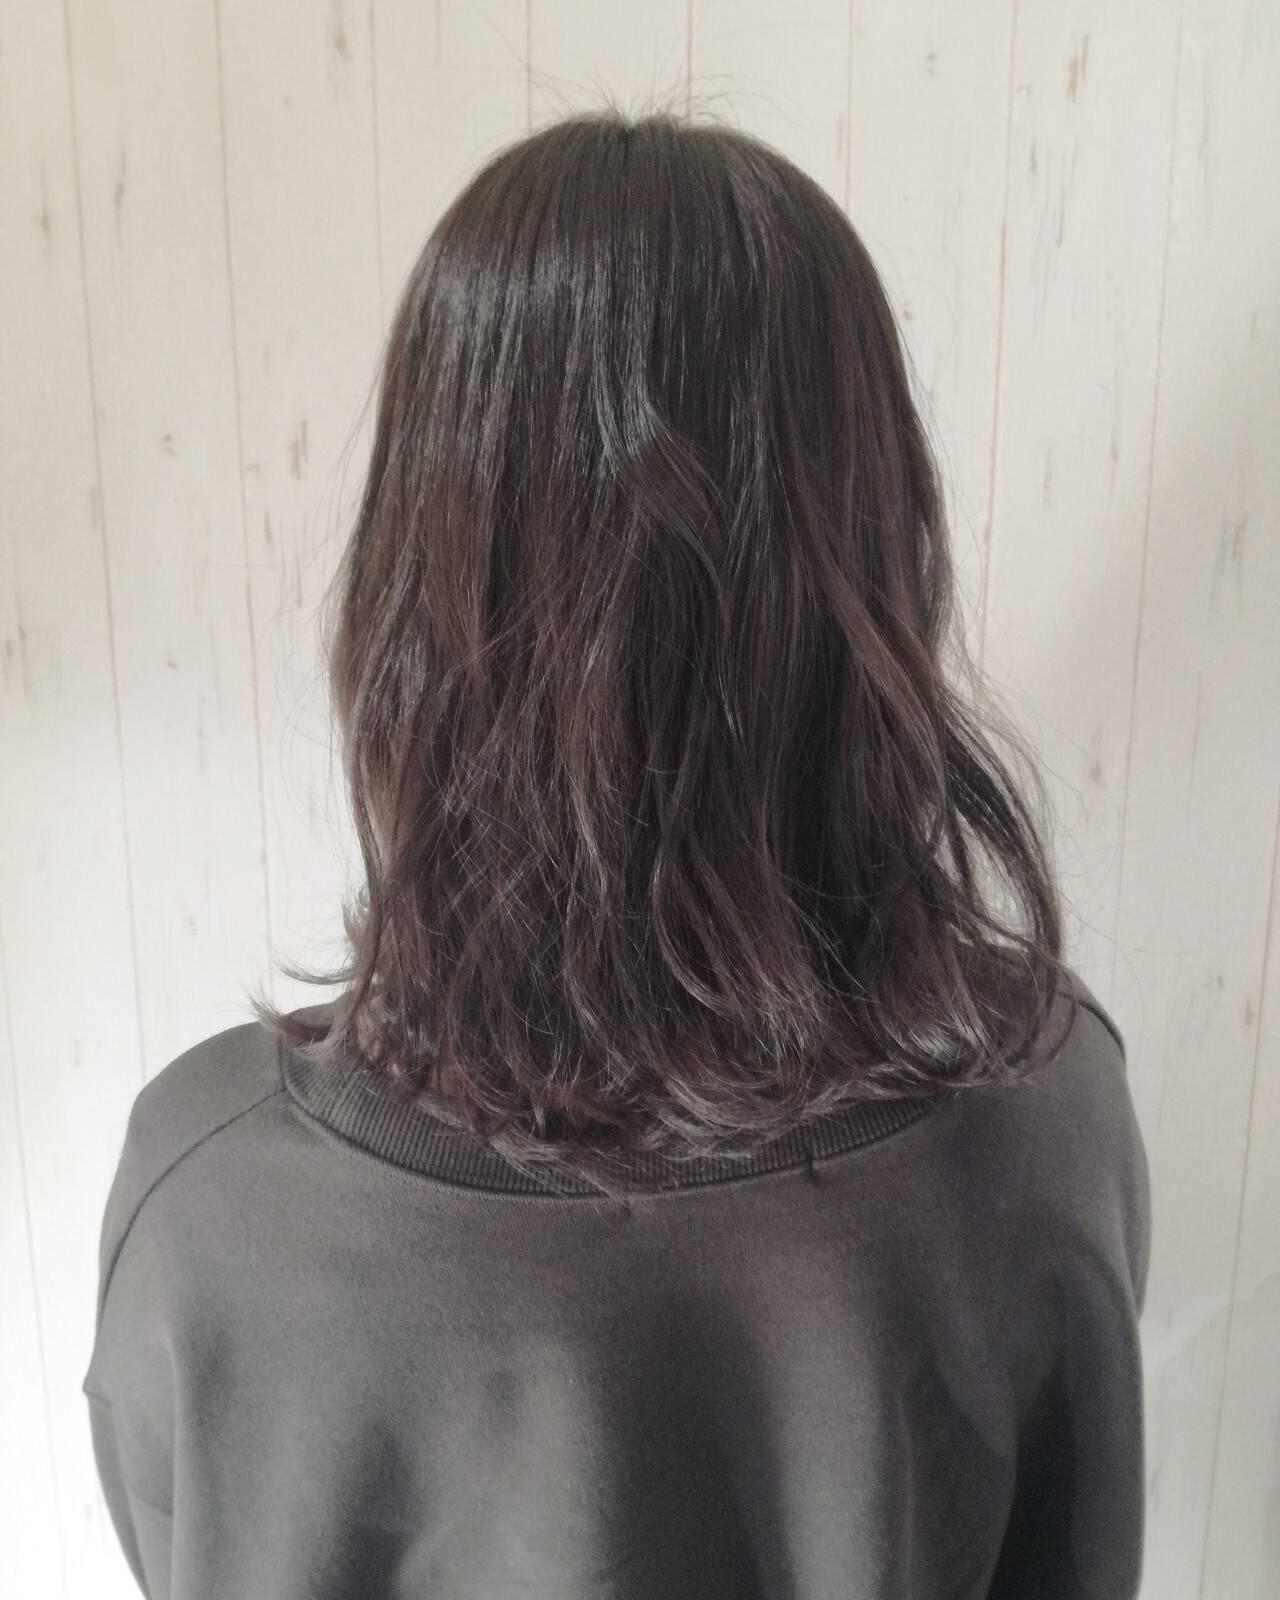 グレージュ ミディアム アッシュグレージュ 暗髪ヘアスタイルや髪型の写真・画像